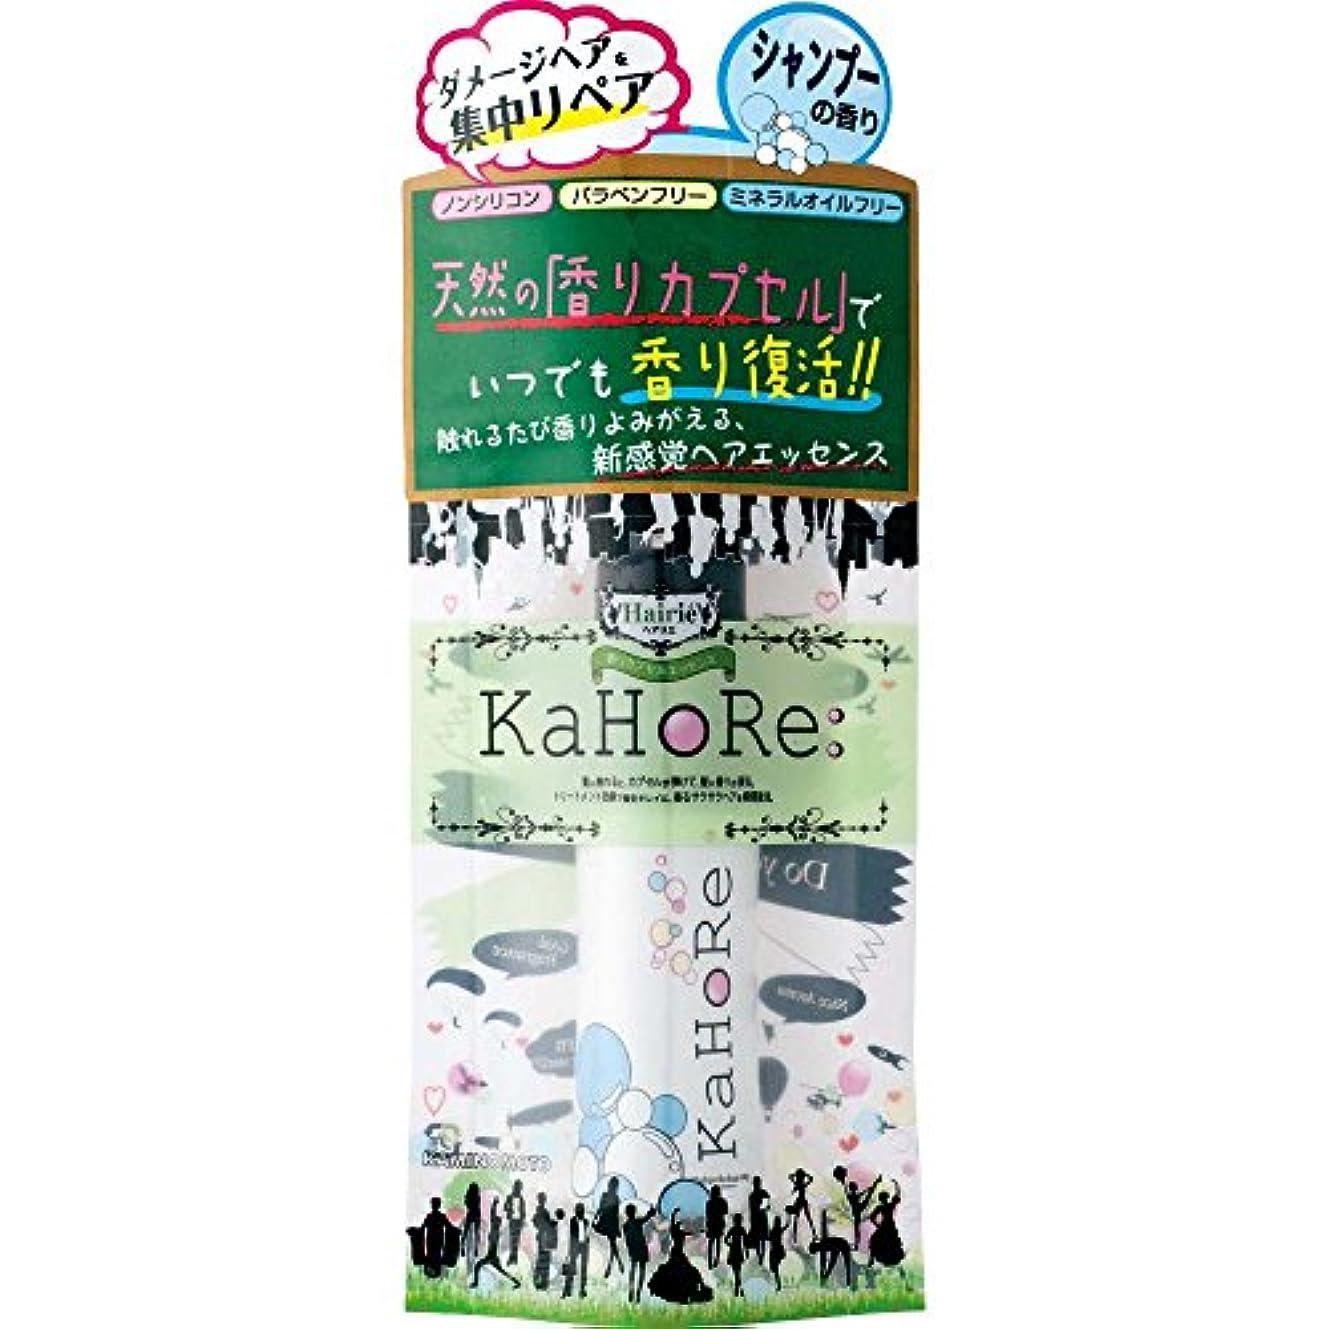 変数必要とする同等のヘアリエ KaHoRe ヘアエッセンス 洗いたてのシャンプーの香り 30g